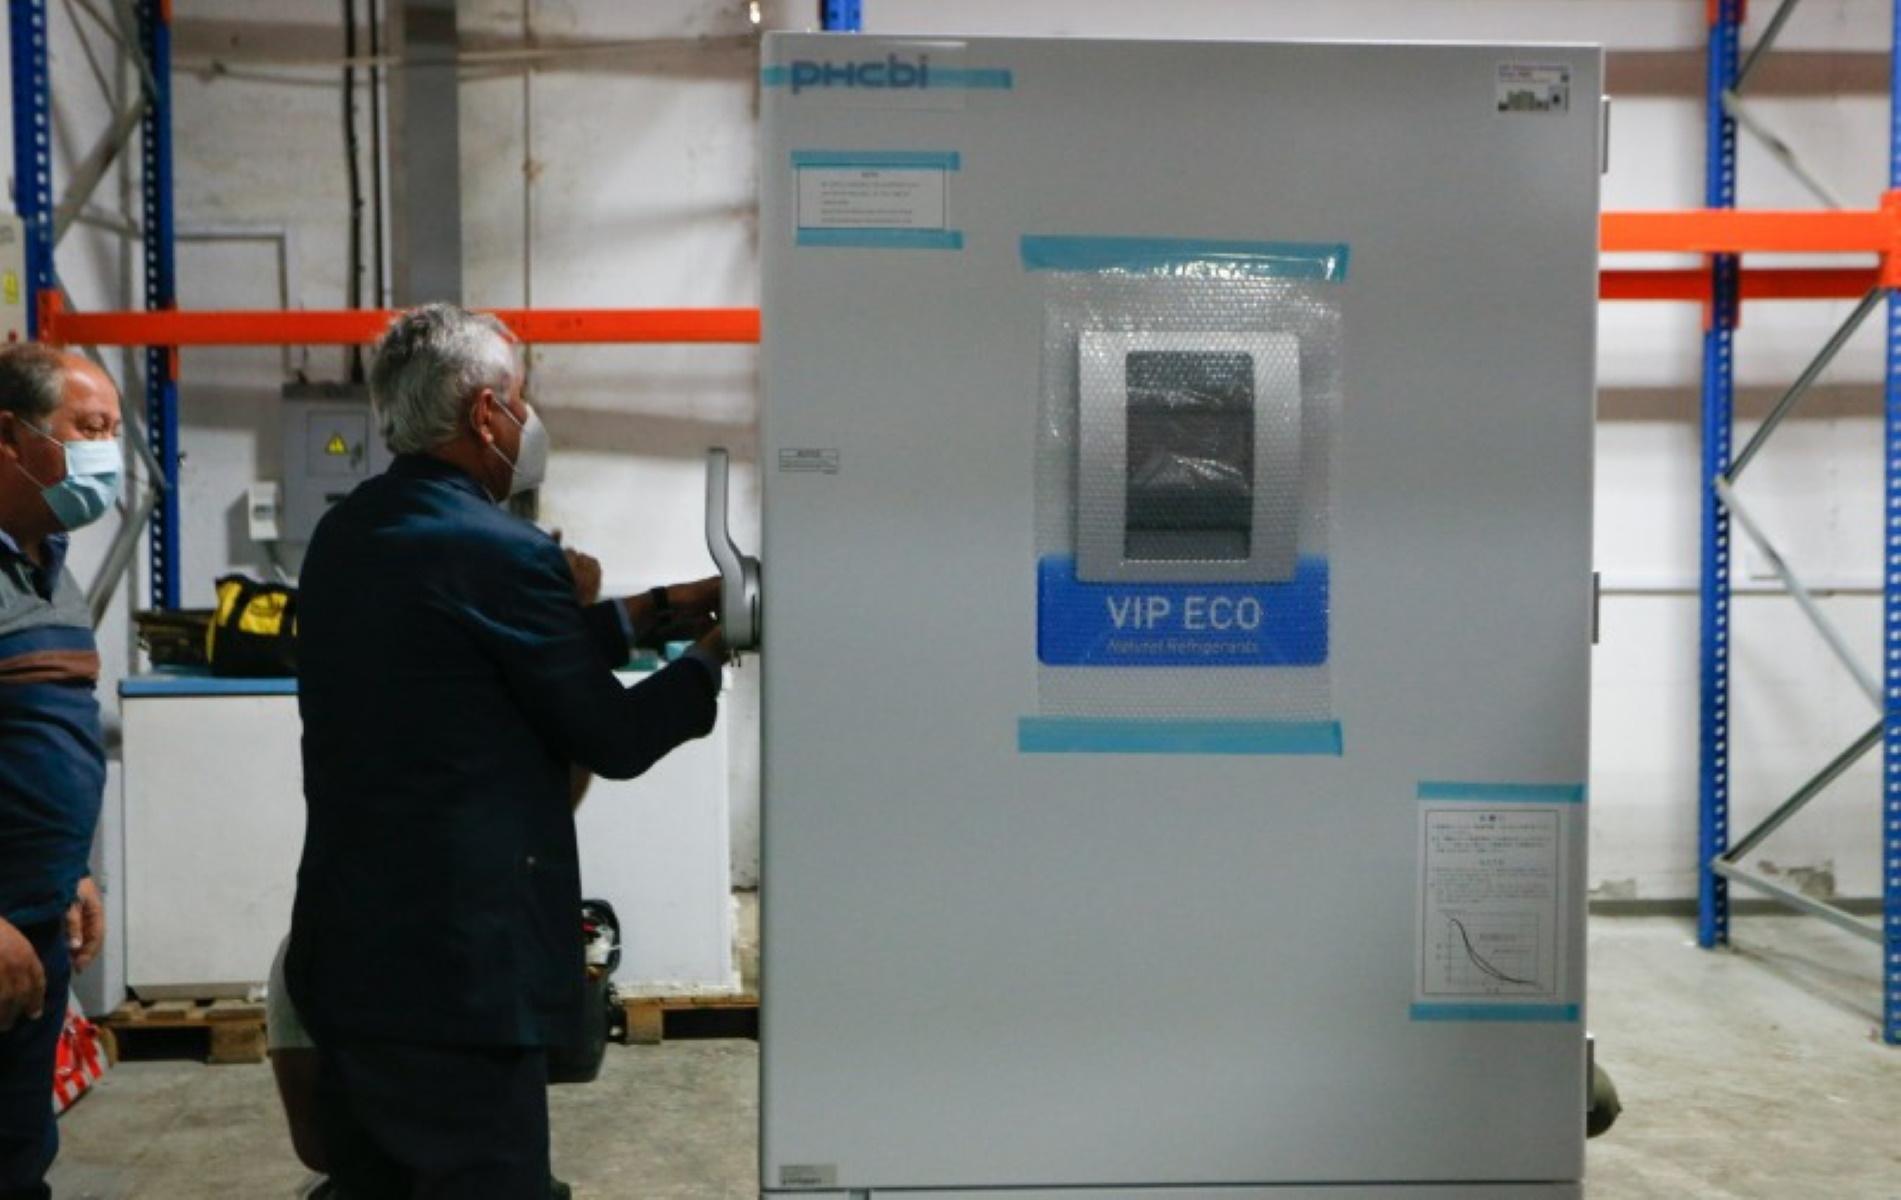 Κύπρος: Παρέλαβαν τα ειδικά ψυγεία για τα εμβόλια του κορονοϊού